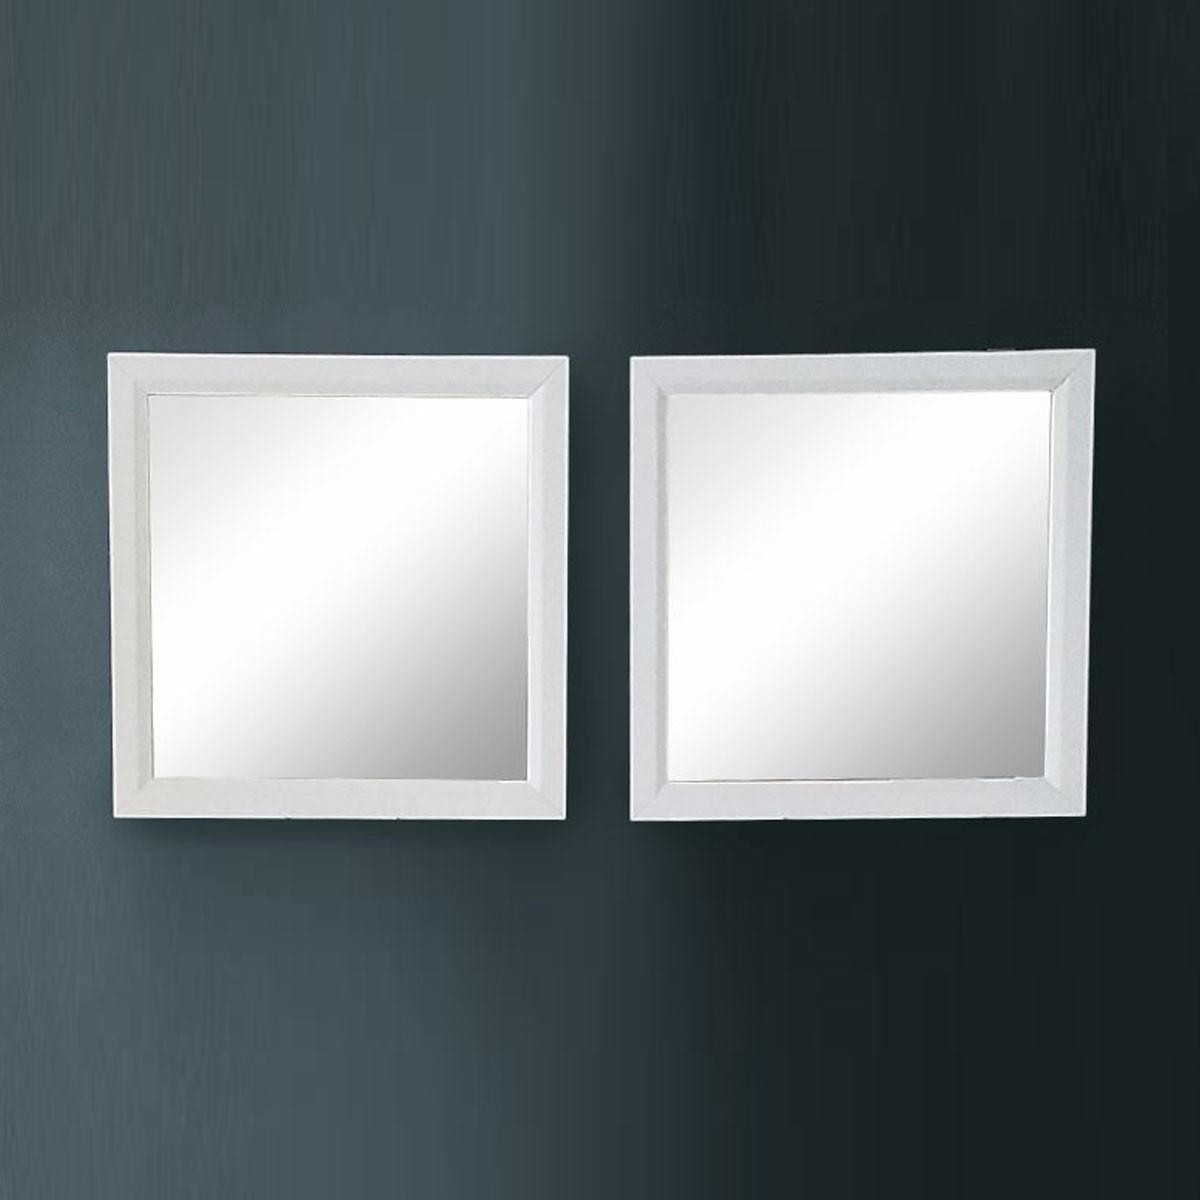 28 x 28 In. Bathroom Vanity Mirror (DK-T9150-60-M)